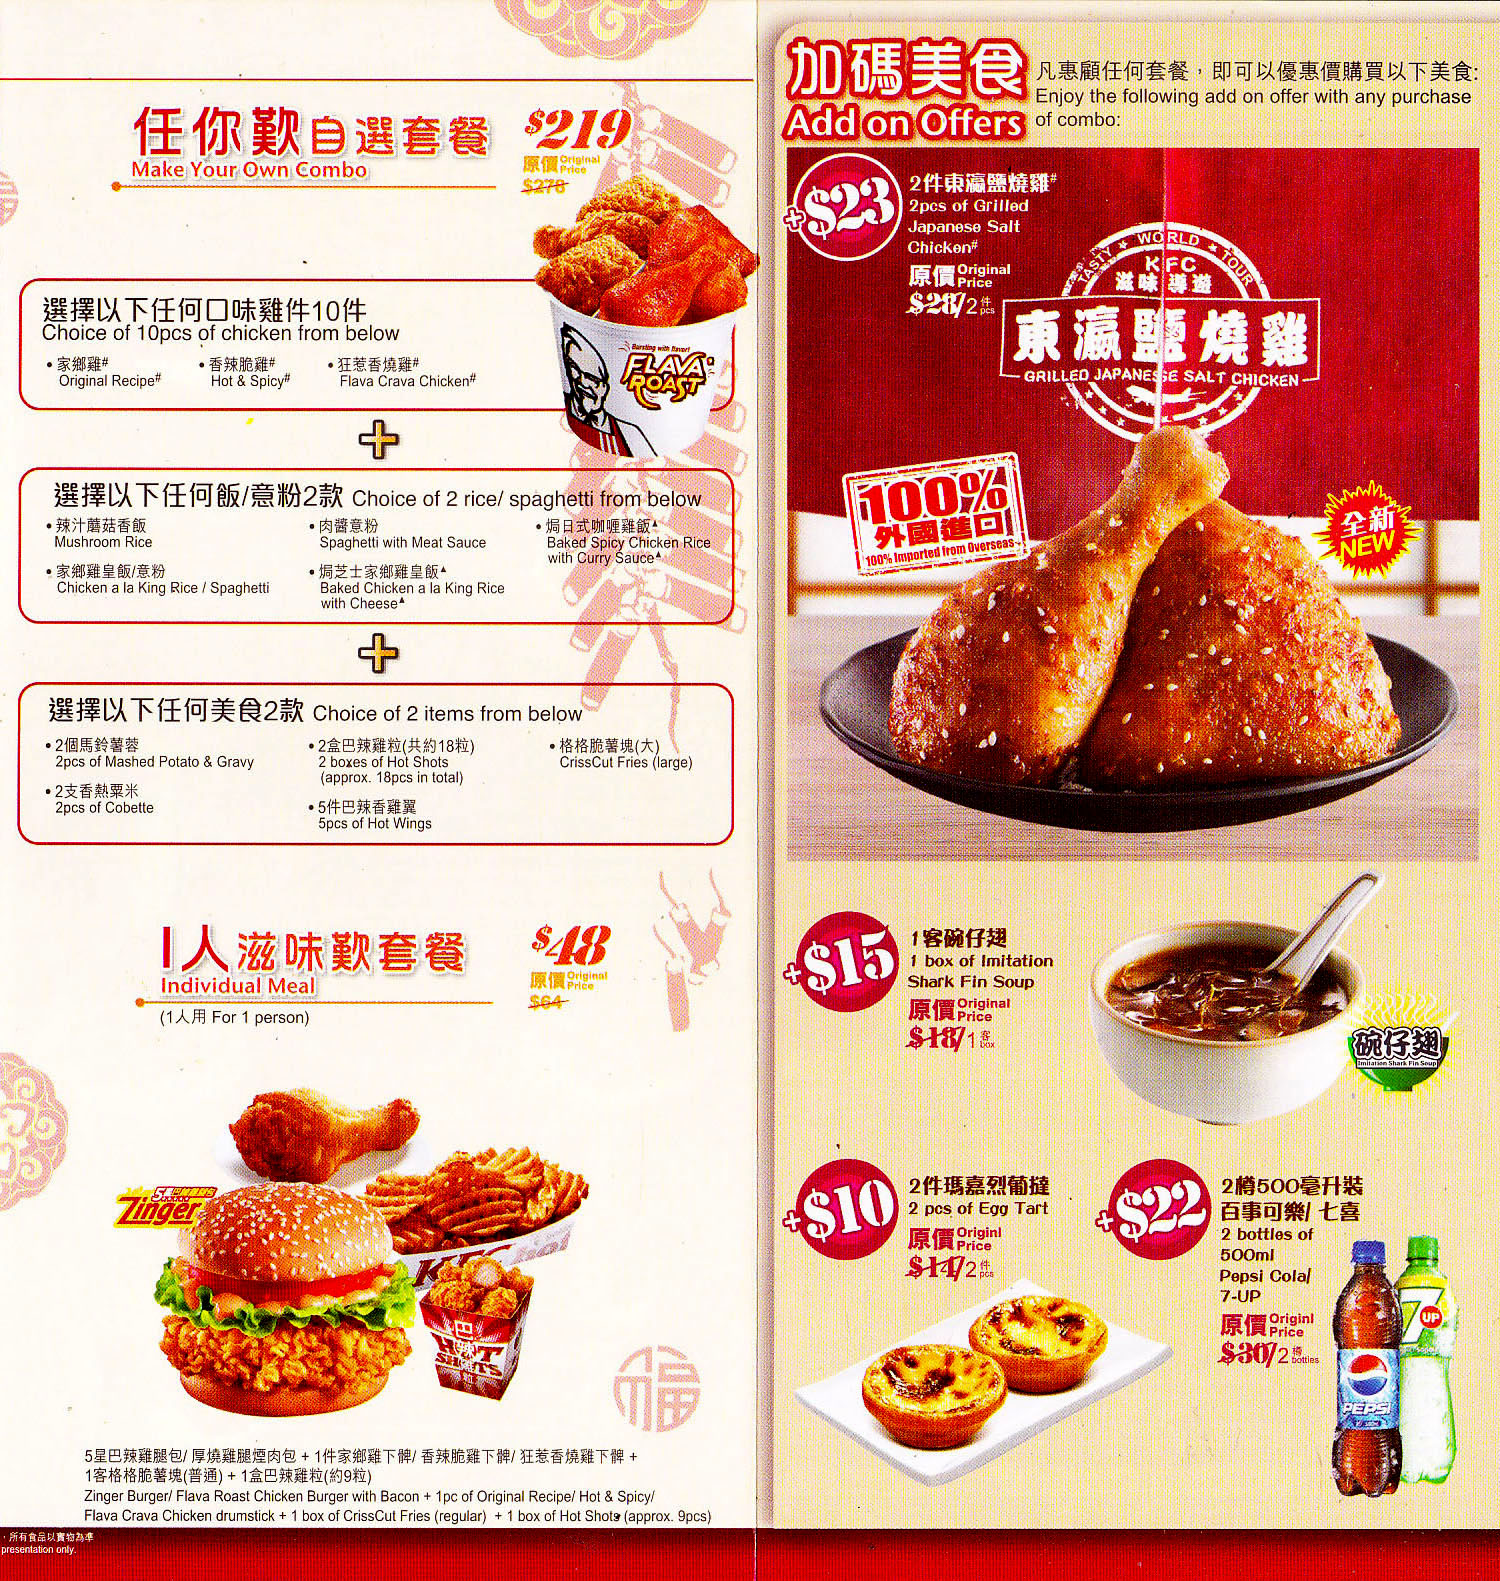 KFC Kentucky Fried Chicken Menu Prices